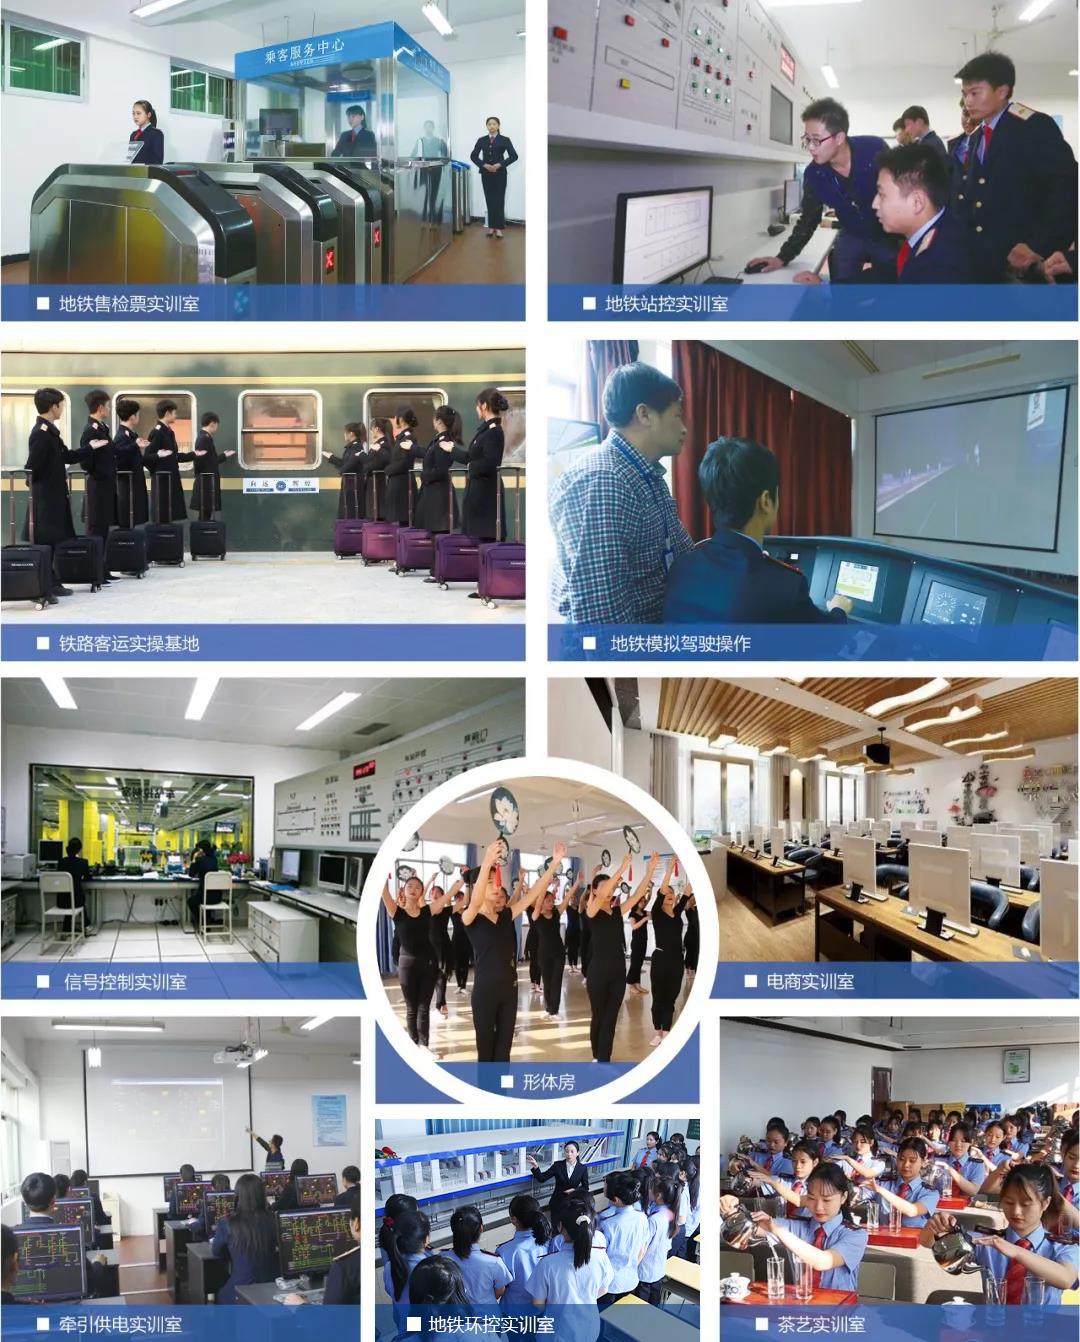 南昌向远铁路技术学校2021年春季招生简章